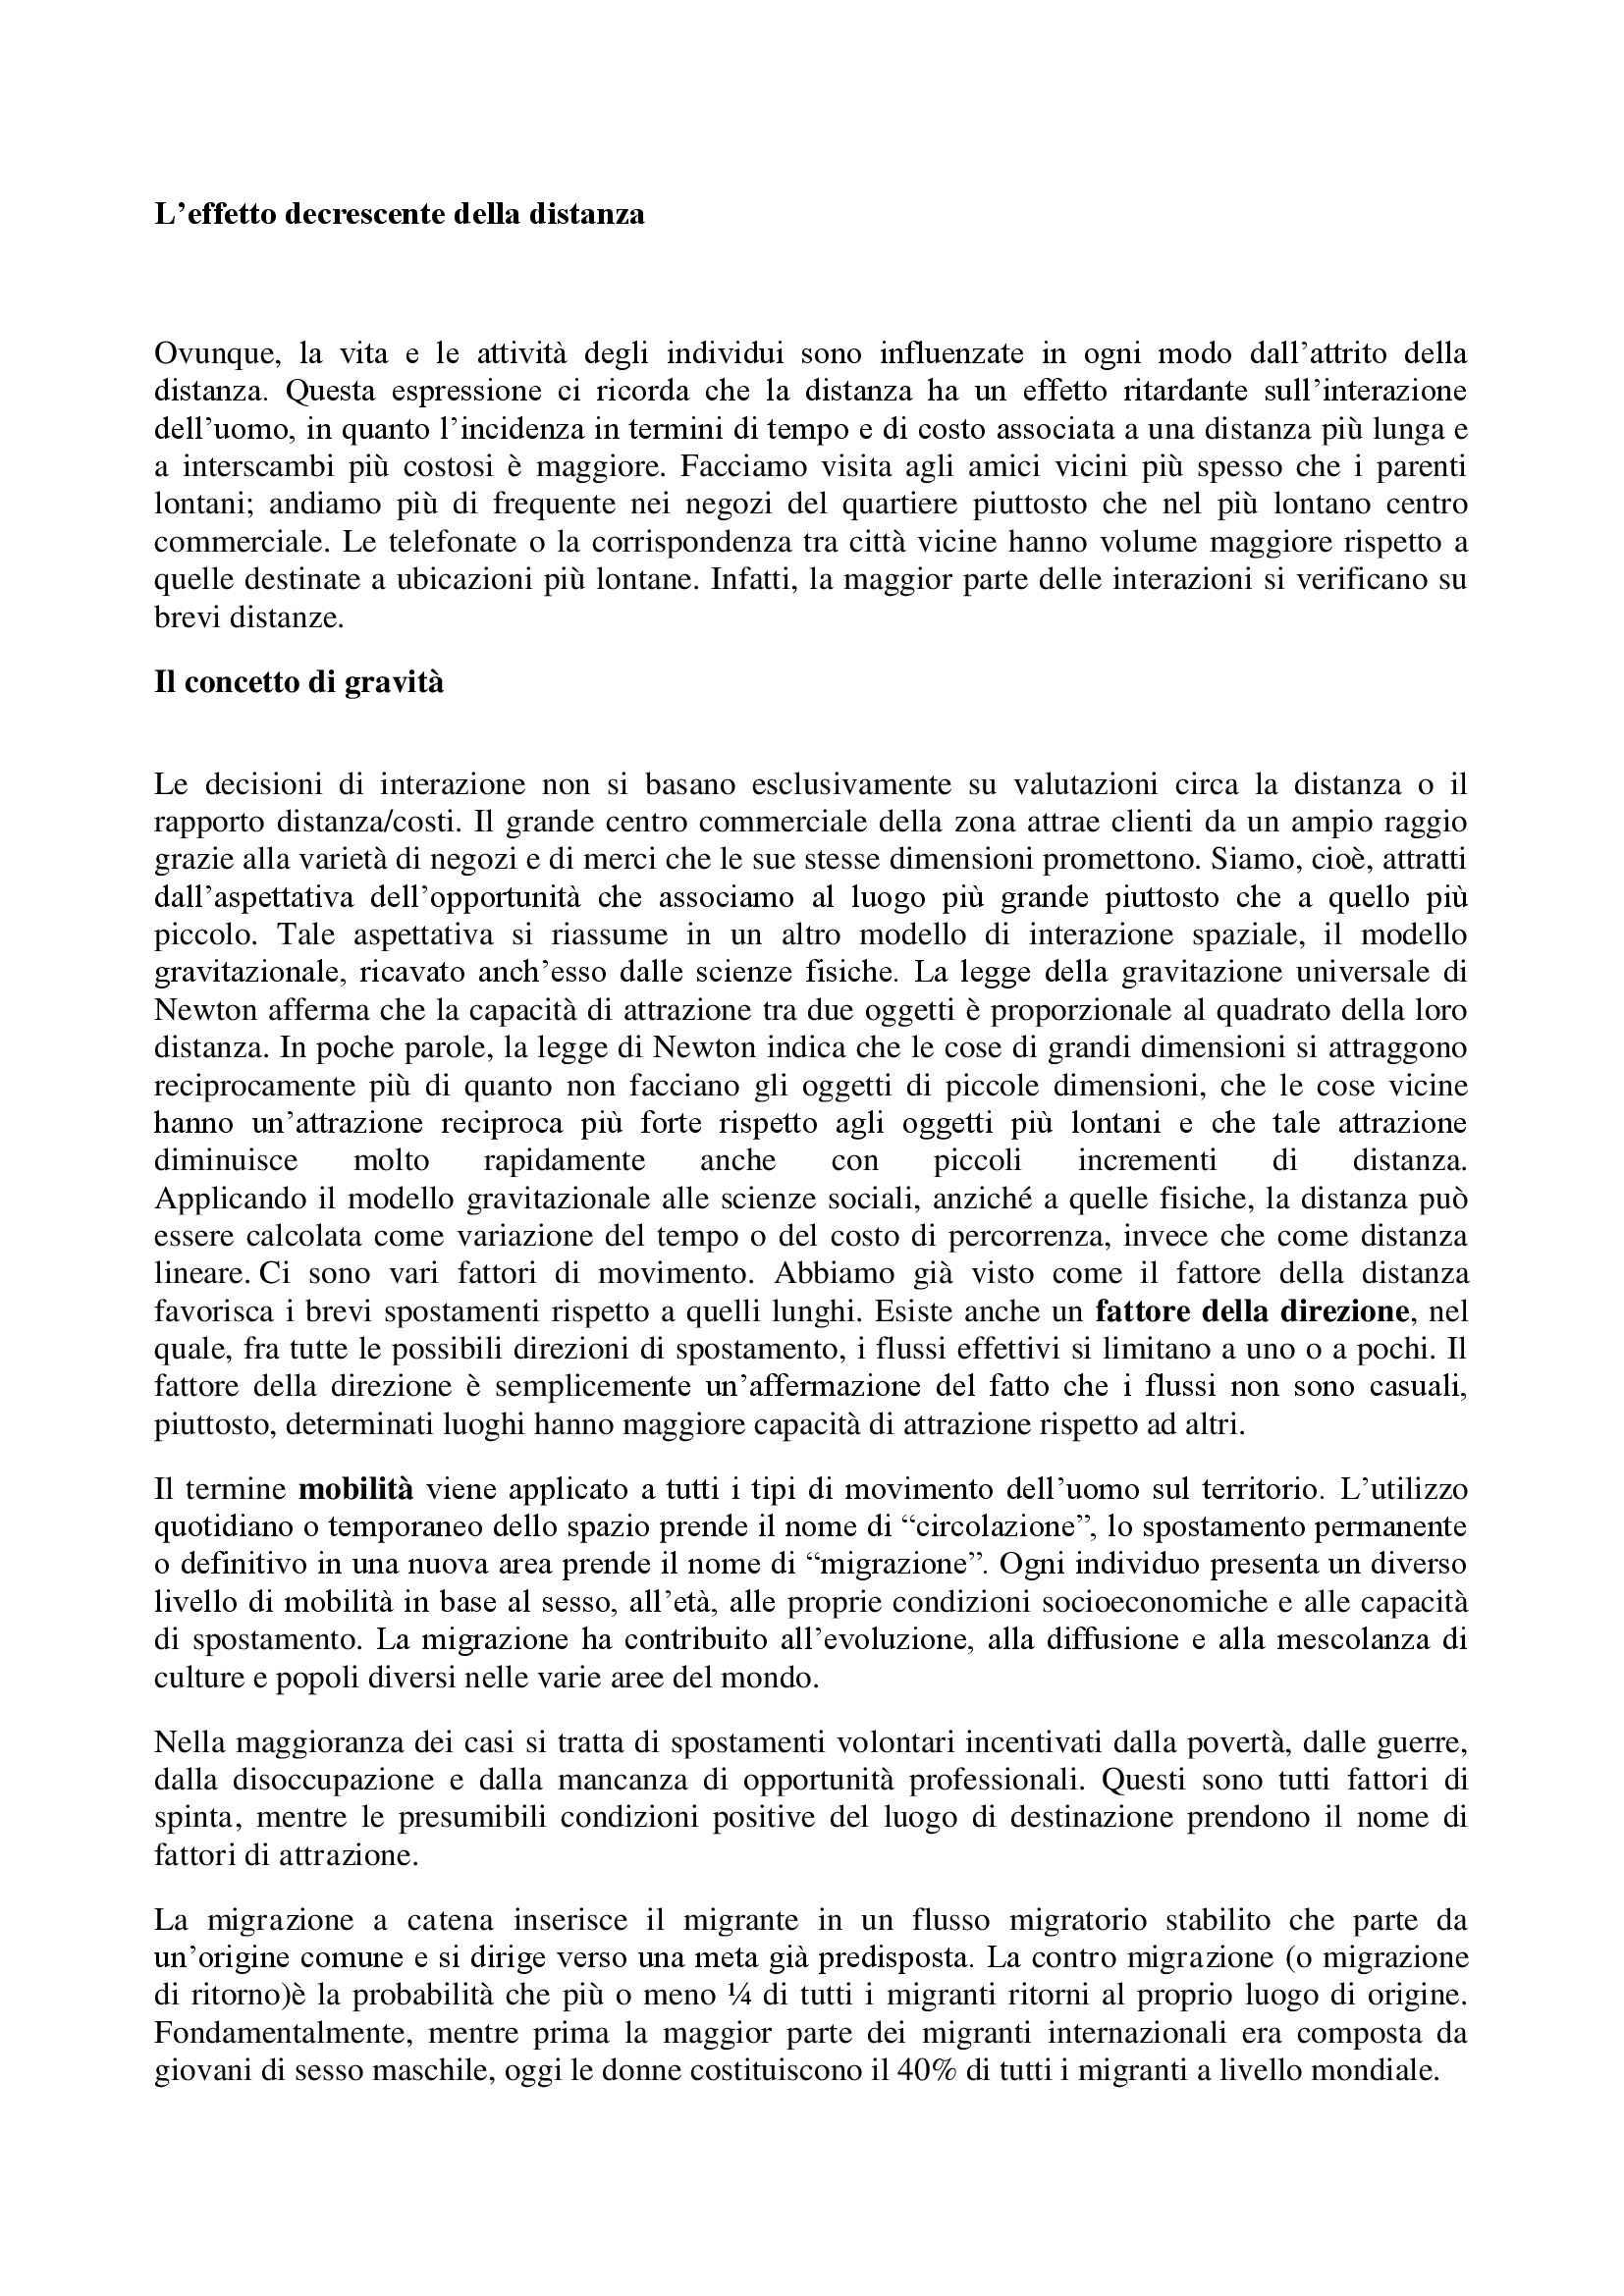 Riassunto esame Geografia, prof. De Spuches, libro consigliato Geografia umana, A. e J. Getis, Fellman Pag. 6